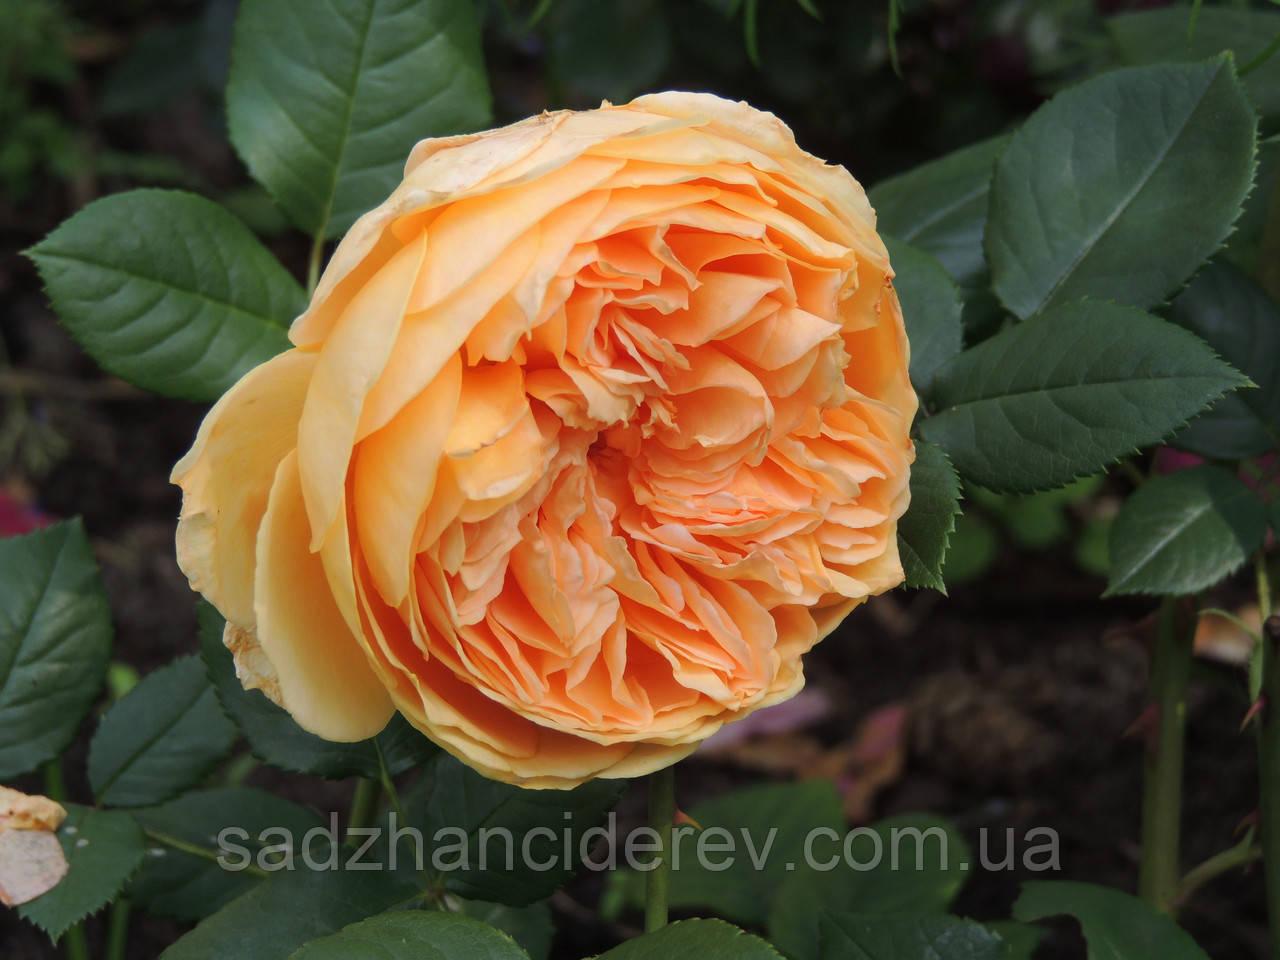 Саджанці троянд Краун Принцеса Маргарет (Crown Princess Margaret)